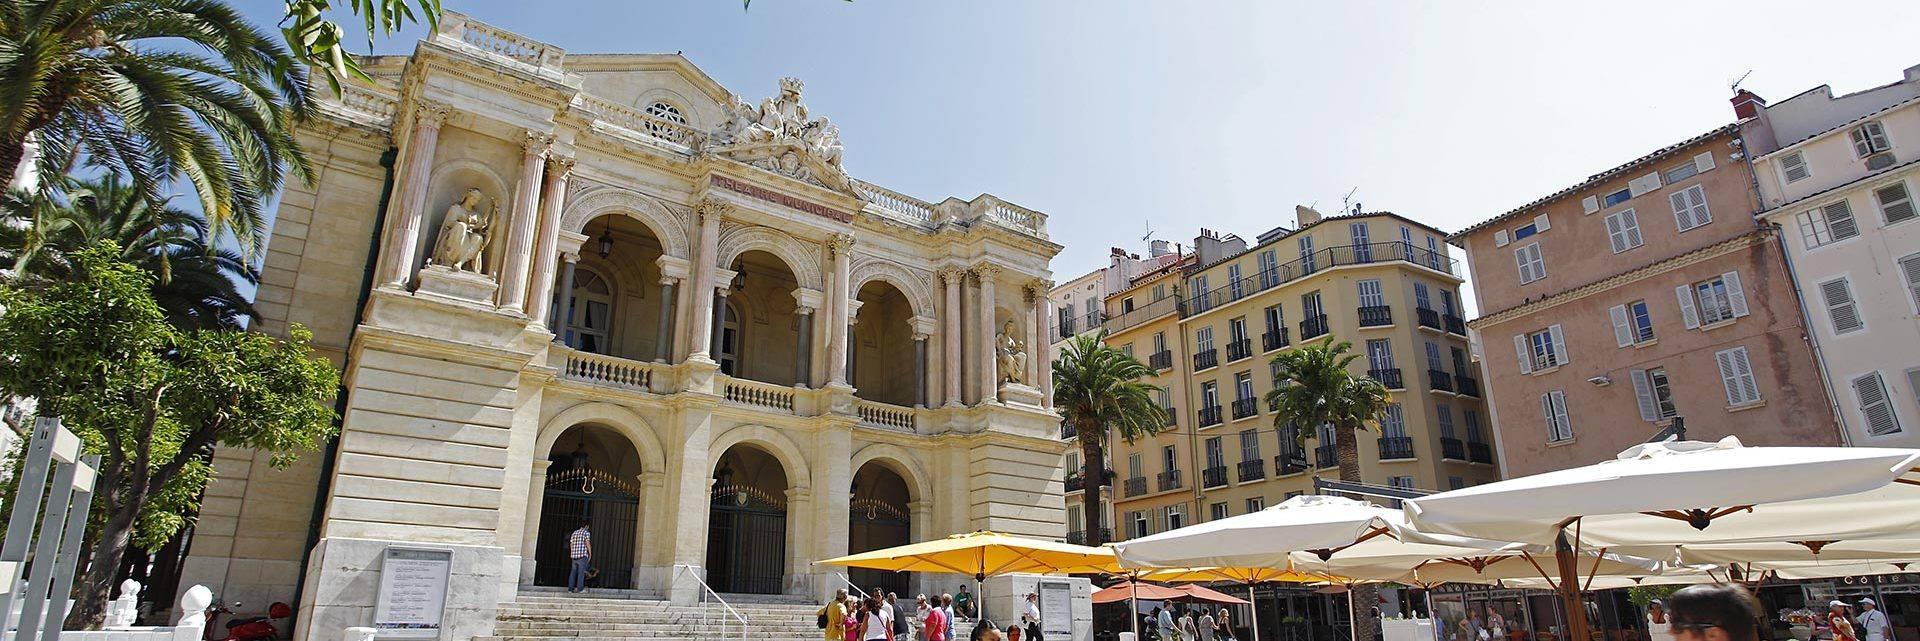 Place de l'Opéra à Toulon